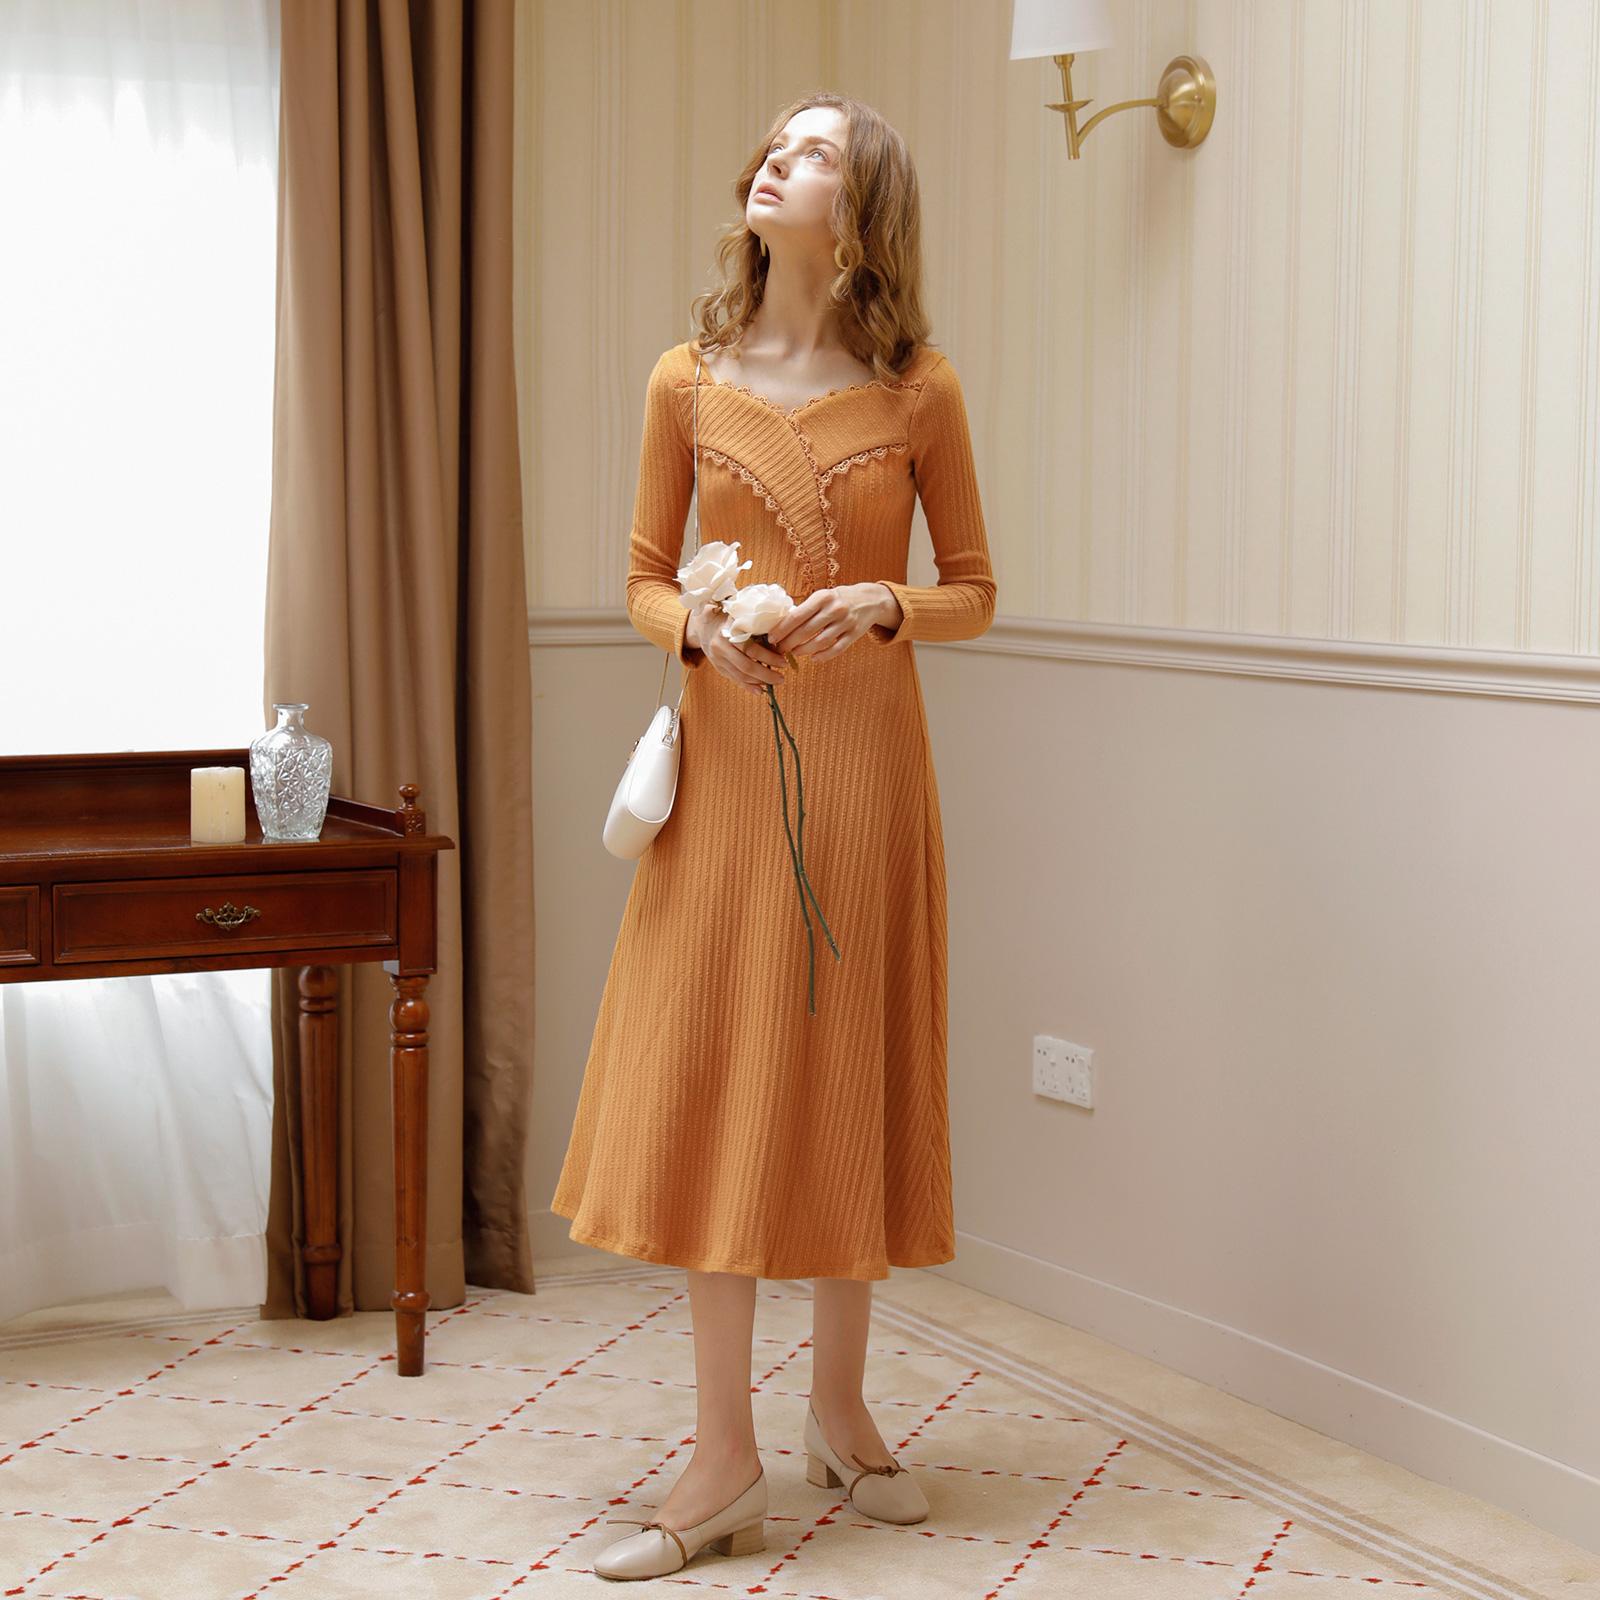 黄色连衣裙 M Queen 显白姜黄色法式花边拼接长袖连衣裙秋女打底长裙子8613_推荐淘宝好看的黄色连衣裙